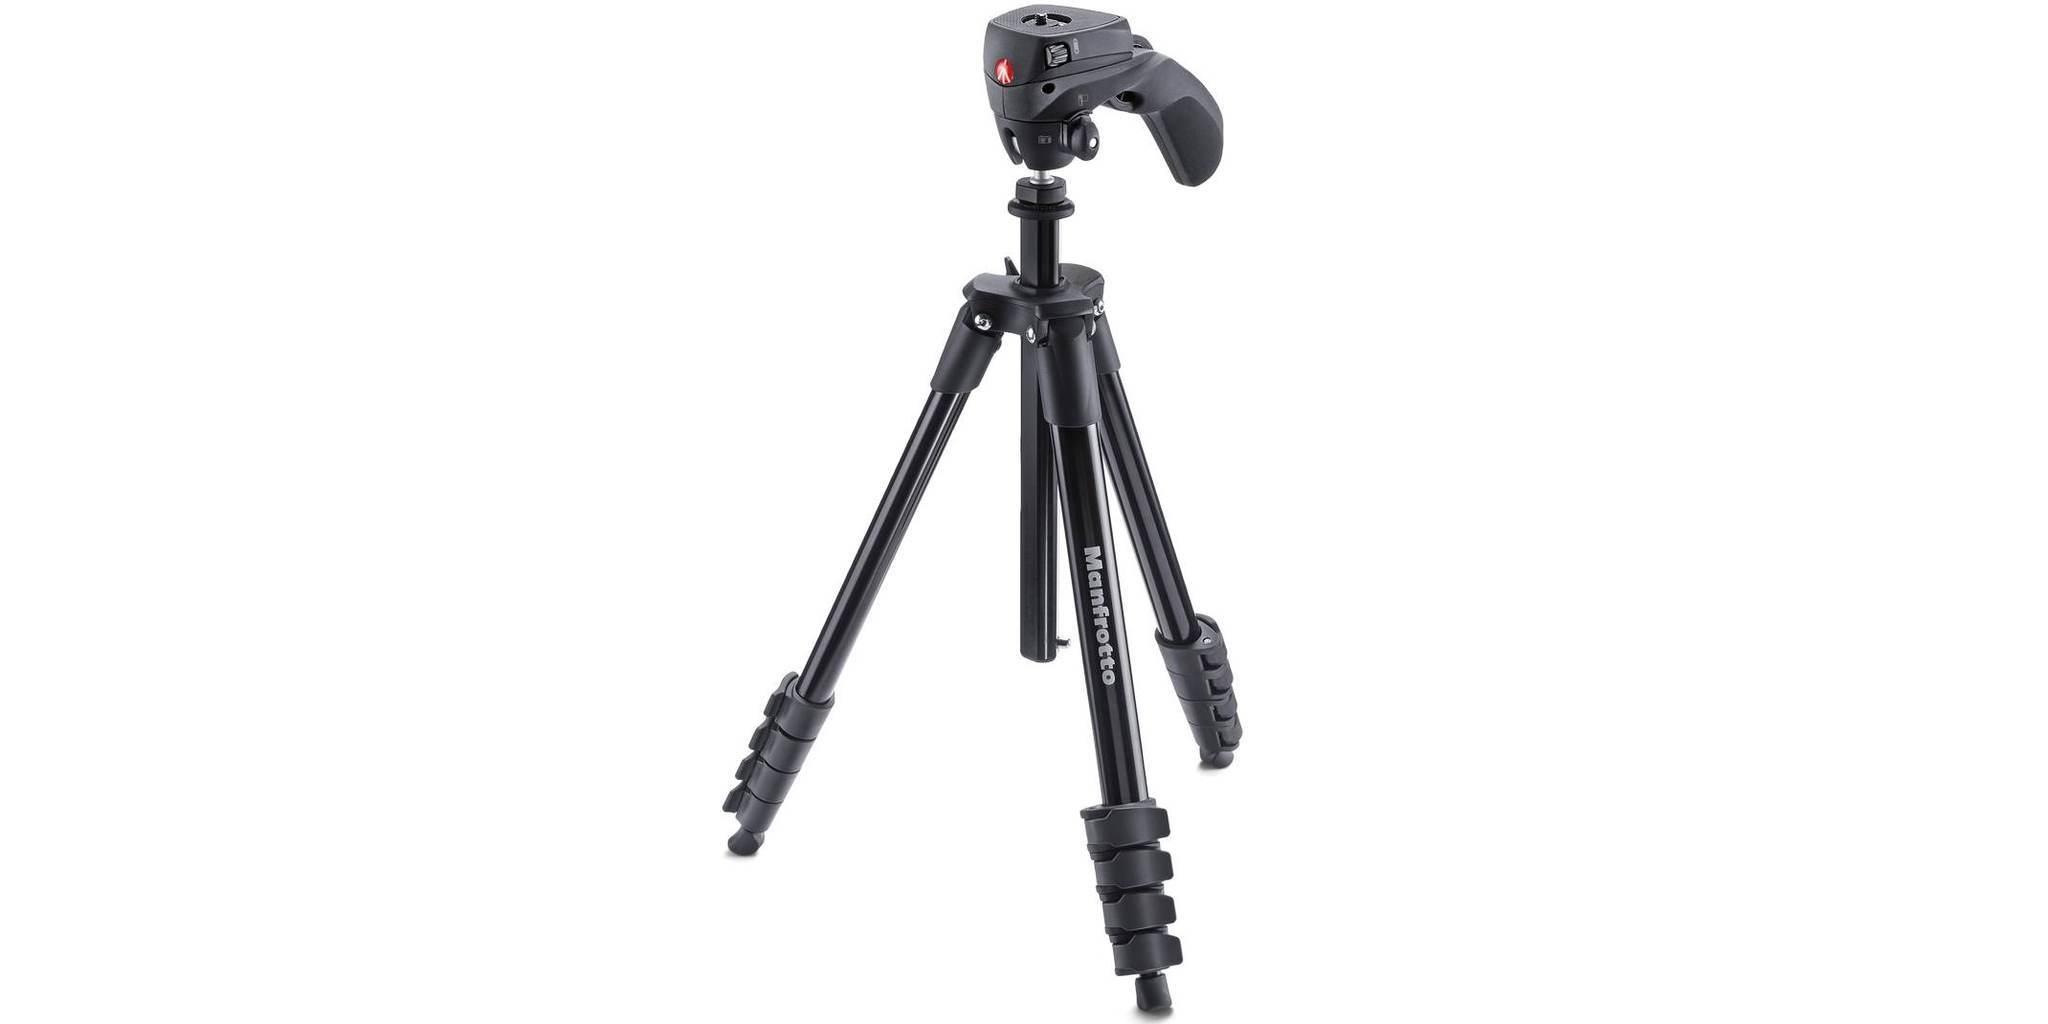 Штатив с фото- и видеоголовкой для фотокамеры Manfrotto Compact Action стоит на поверхности